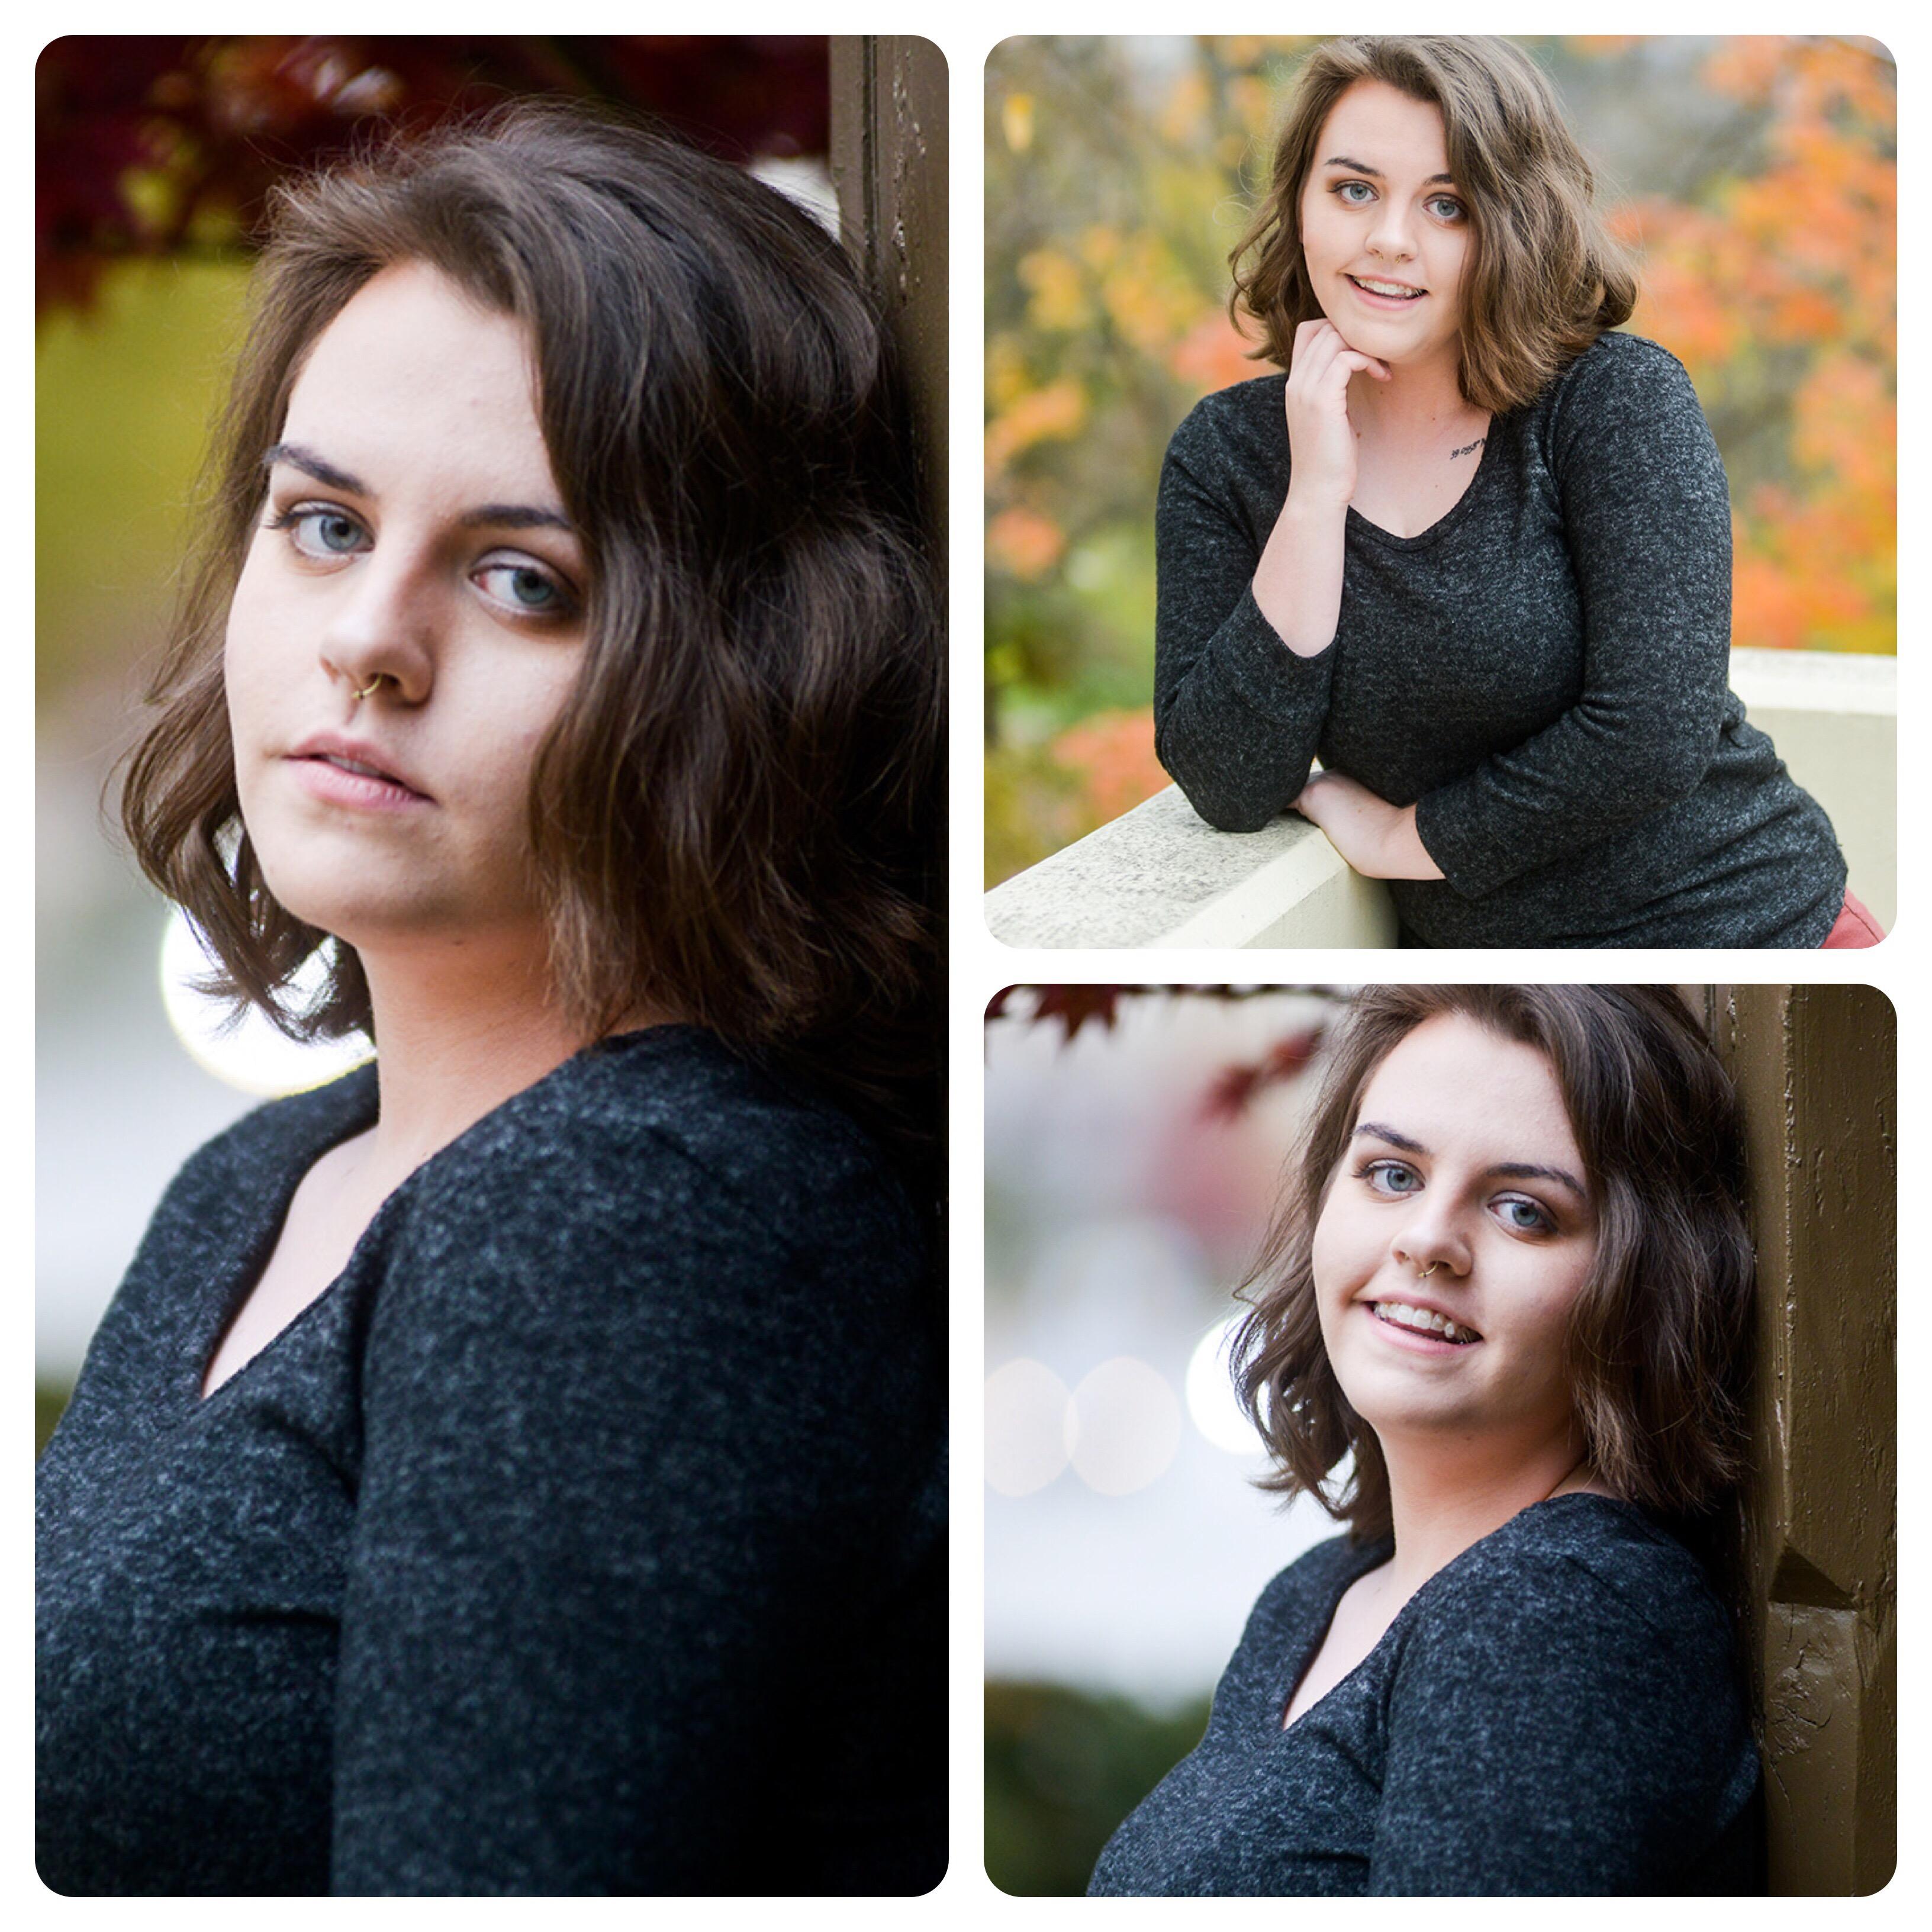 Lawrence Kansas senior girl portrait session